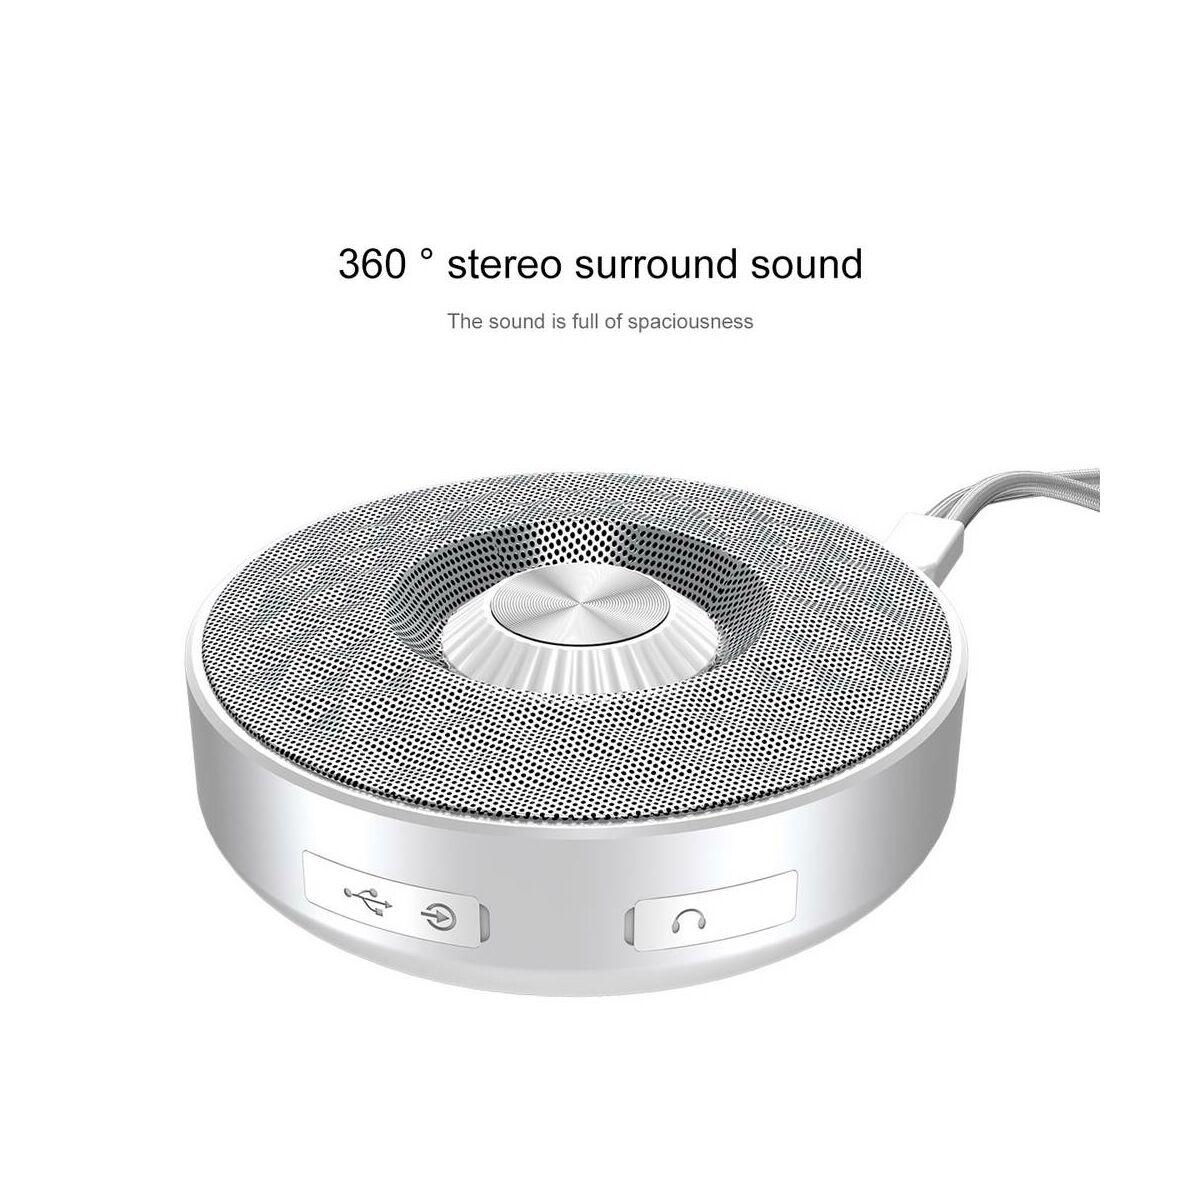 Baseus Hordozható hangszóró Bluetooth Lanyard E03 kültéri ezüst/fehér (NGE03-S2)